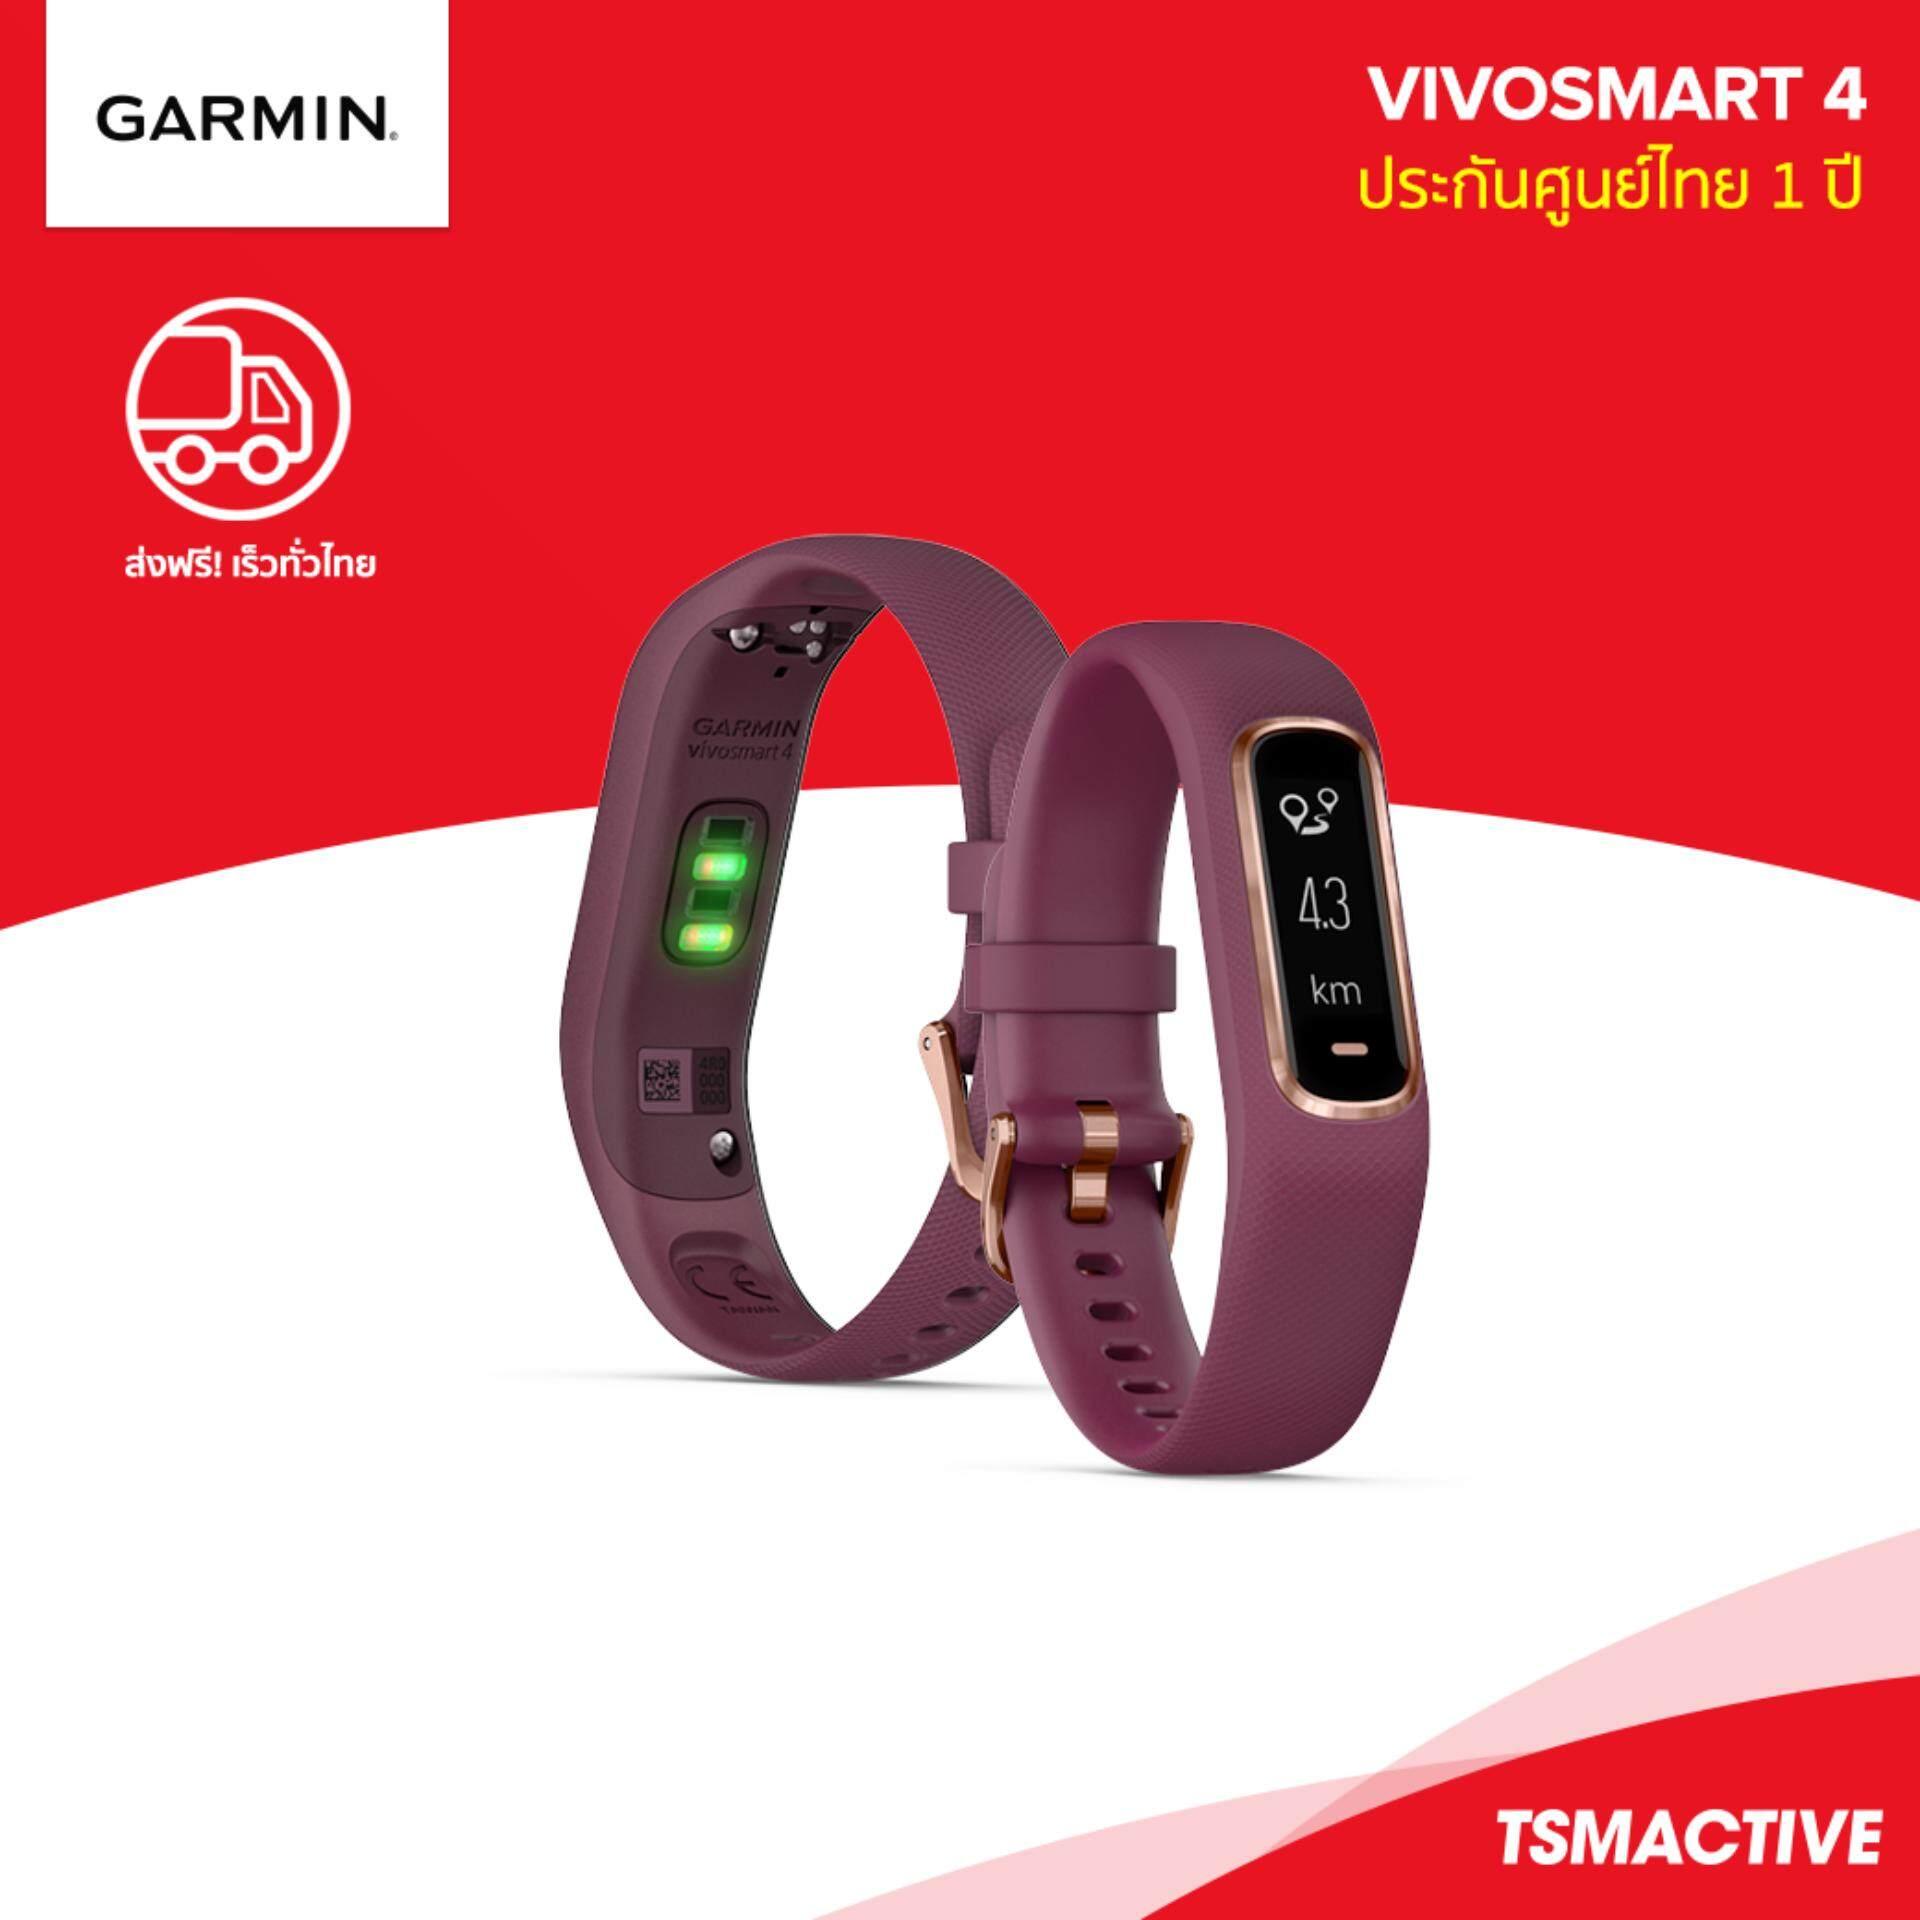 การใช้งาน  กำแพงเพชร Garmin Vivosmart 4 (แดงเบอร์รี่/S-M) สายรัดข้อมือฟิตเนส ติดตามสุขภาพตลอดวัน (ประกันศูนย์ไทย)